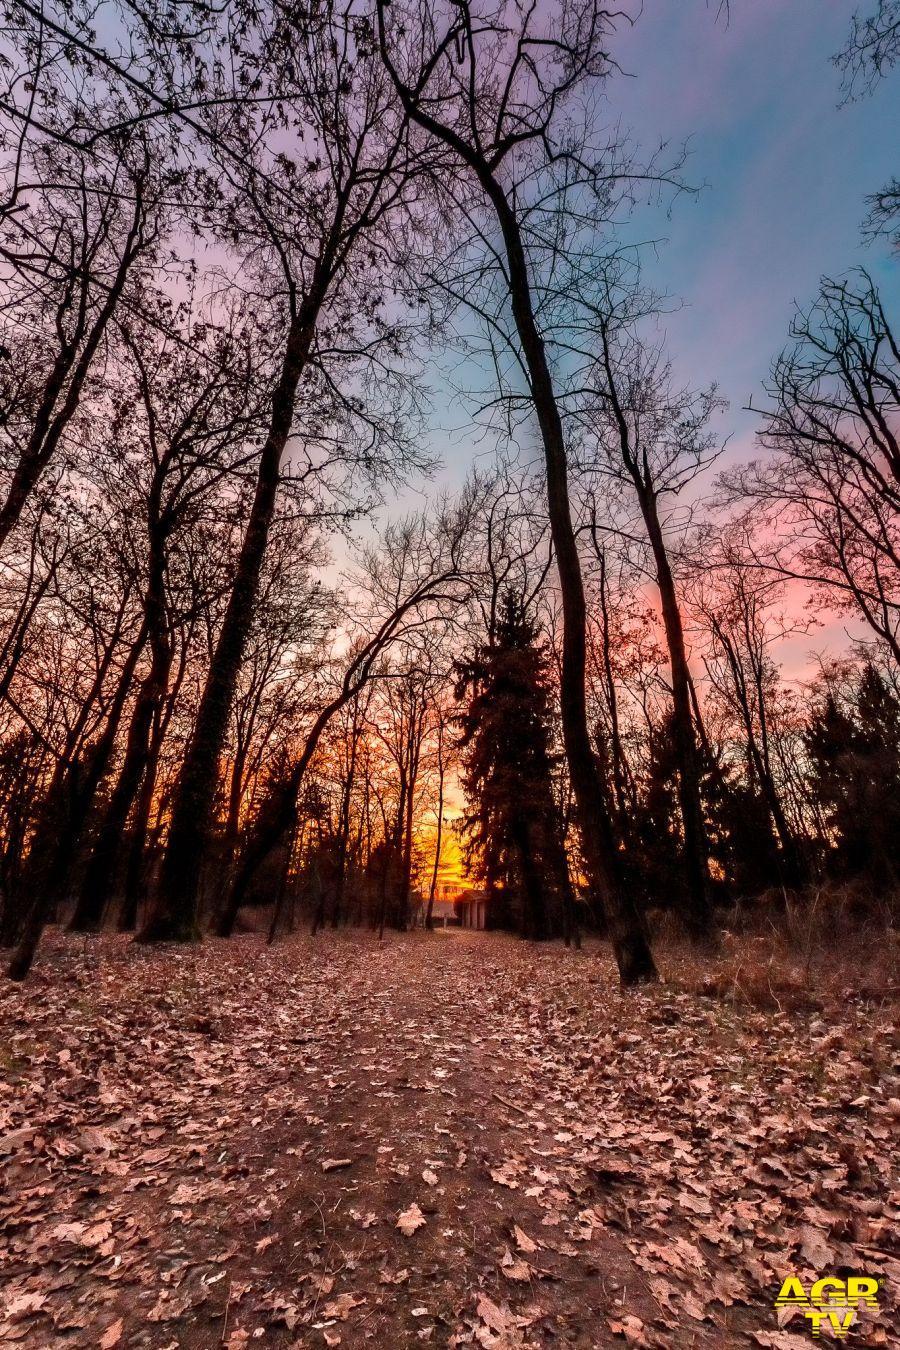 Sabato 21 novembre, Giornata nazionale degli alberi